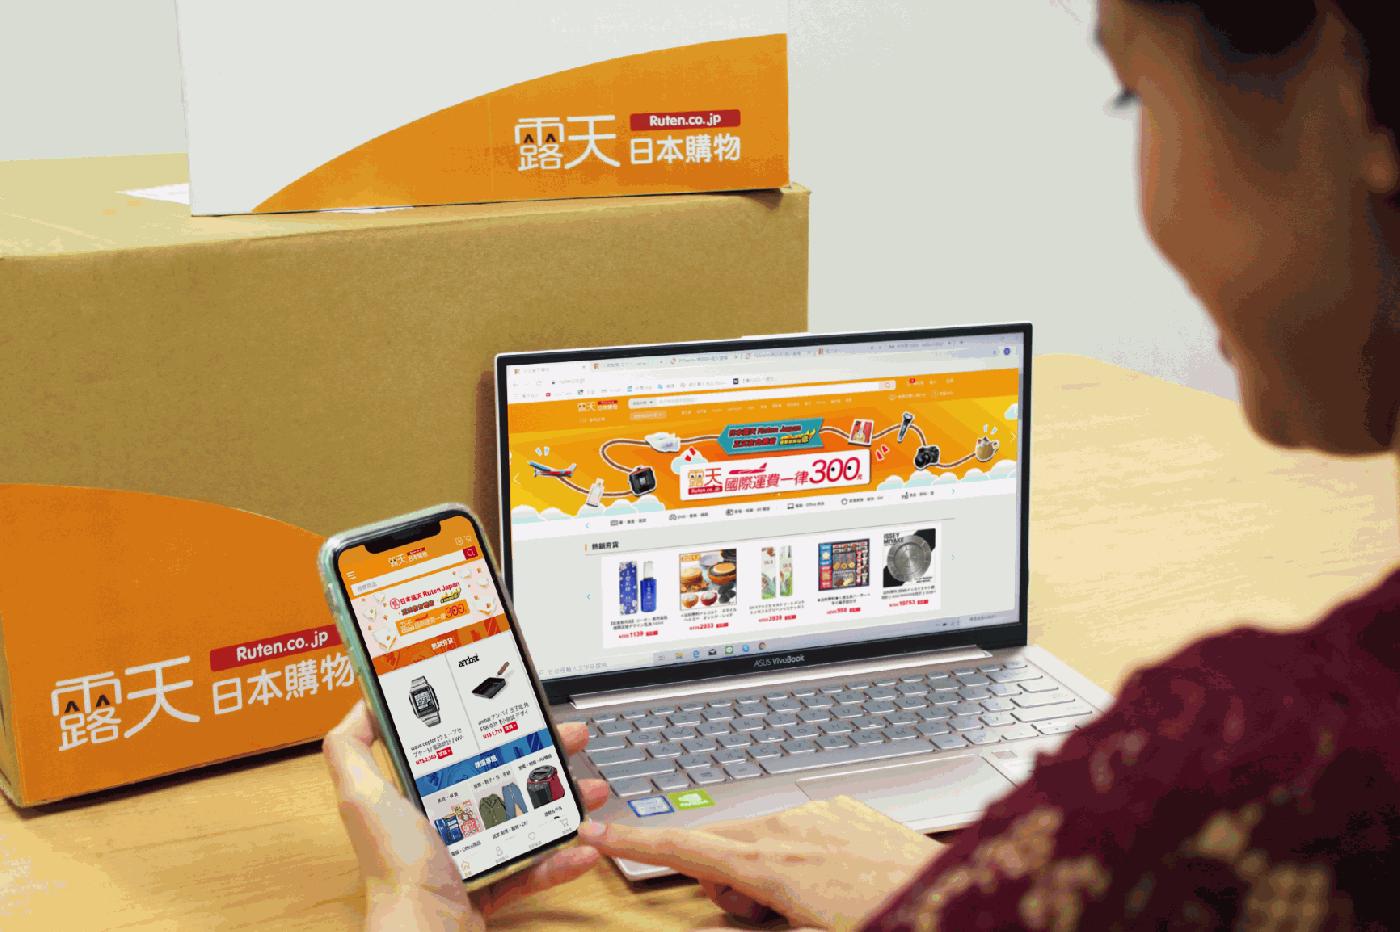 日本露天購物在台上線,靠運費統一價300元能殺出代購市場新路?